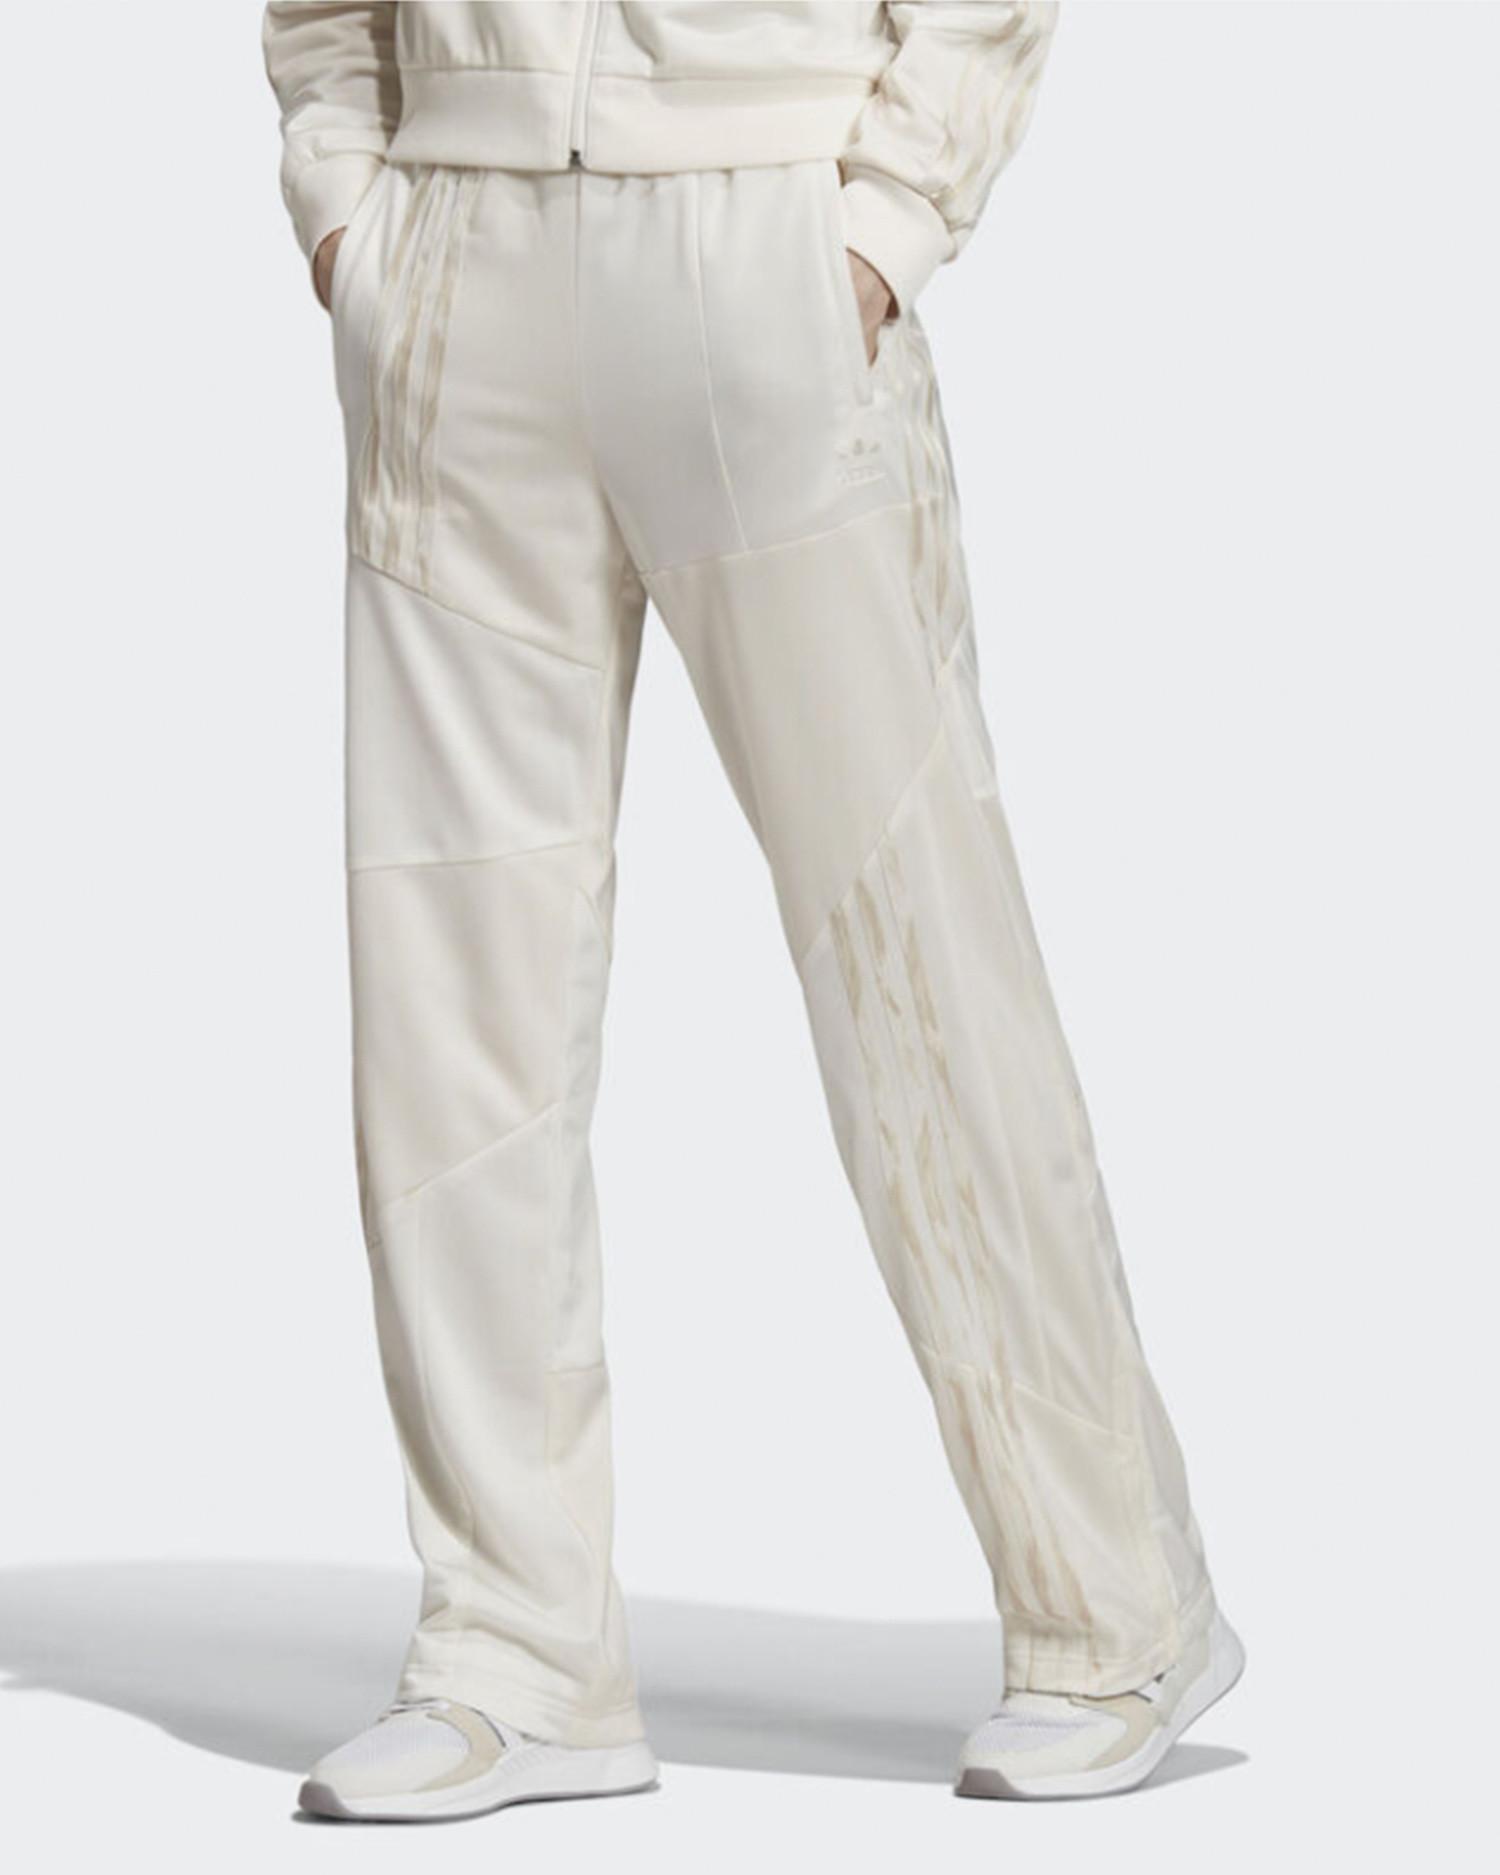 Adidas DaniÌÇlle Cathari Trackpant Firebird Cloud White